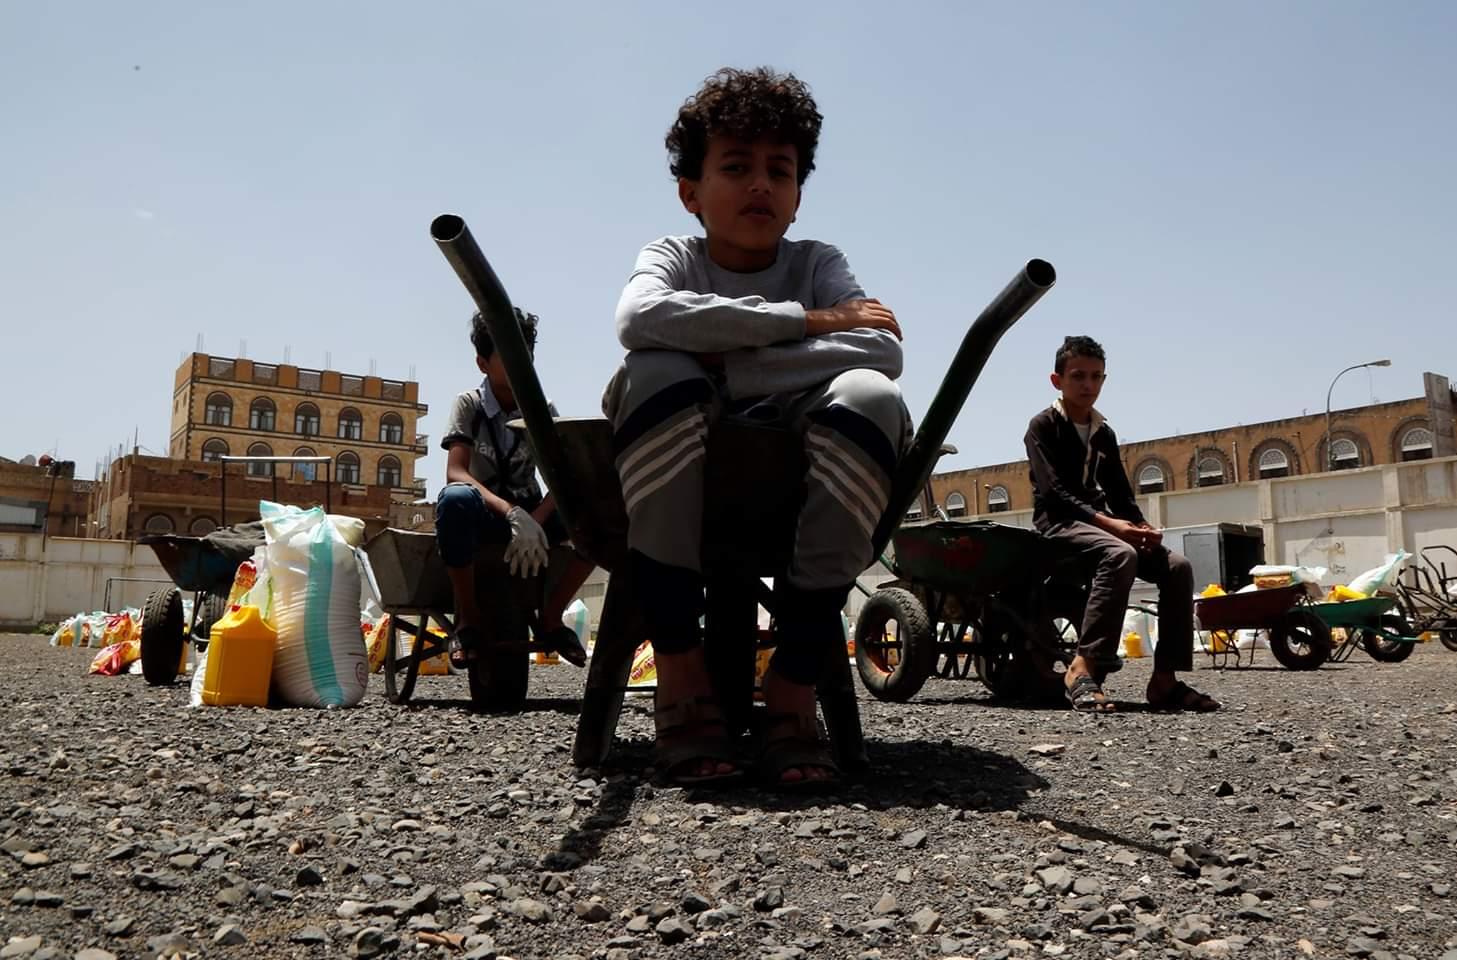 تظهر الصور أطفالا متأثرين بالحرب يجلسون على عربات جر ينتظرون تلقي حصص غذائية مقدمة من منظمة خيرية محلية في العاصمة اليمنية صنعاء. ووفقا لتقديرات الأمم المتحدة، فإن ما يقرب من 80 بالمائة من سكان اليمن يحتاجون إلى مساعدات إنسانية وحماية. ويوجد في البلاد 10 ملايين شخص على حافة المجاعة و7 ملايين شخص يعانون من سوء تغذية.